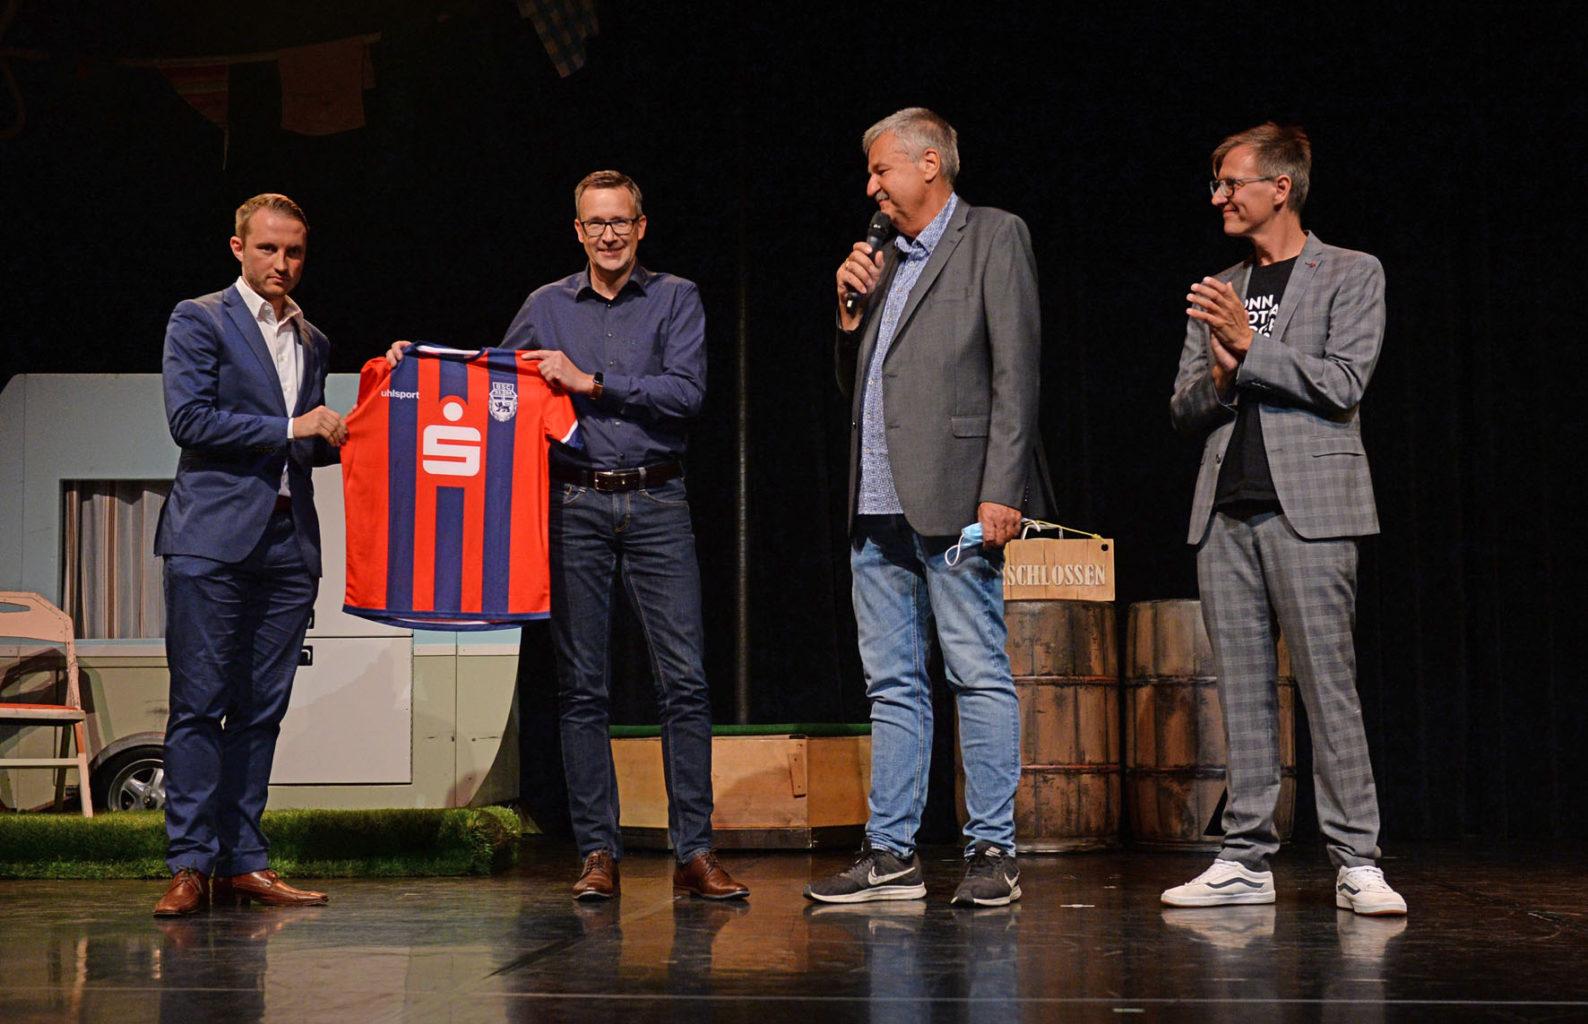 DSC_2397 Mannschaftsvorstellung GOP Schmidt-Preuß + Martin König Sparkasse + Harder + Mazurkievicz